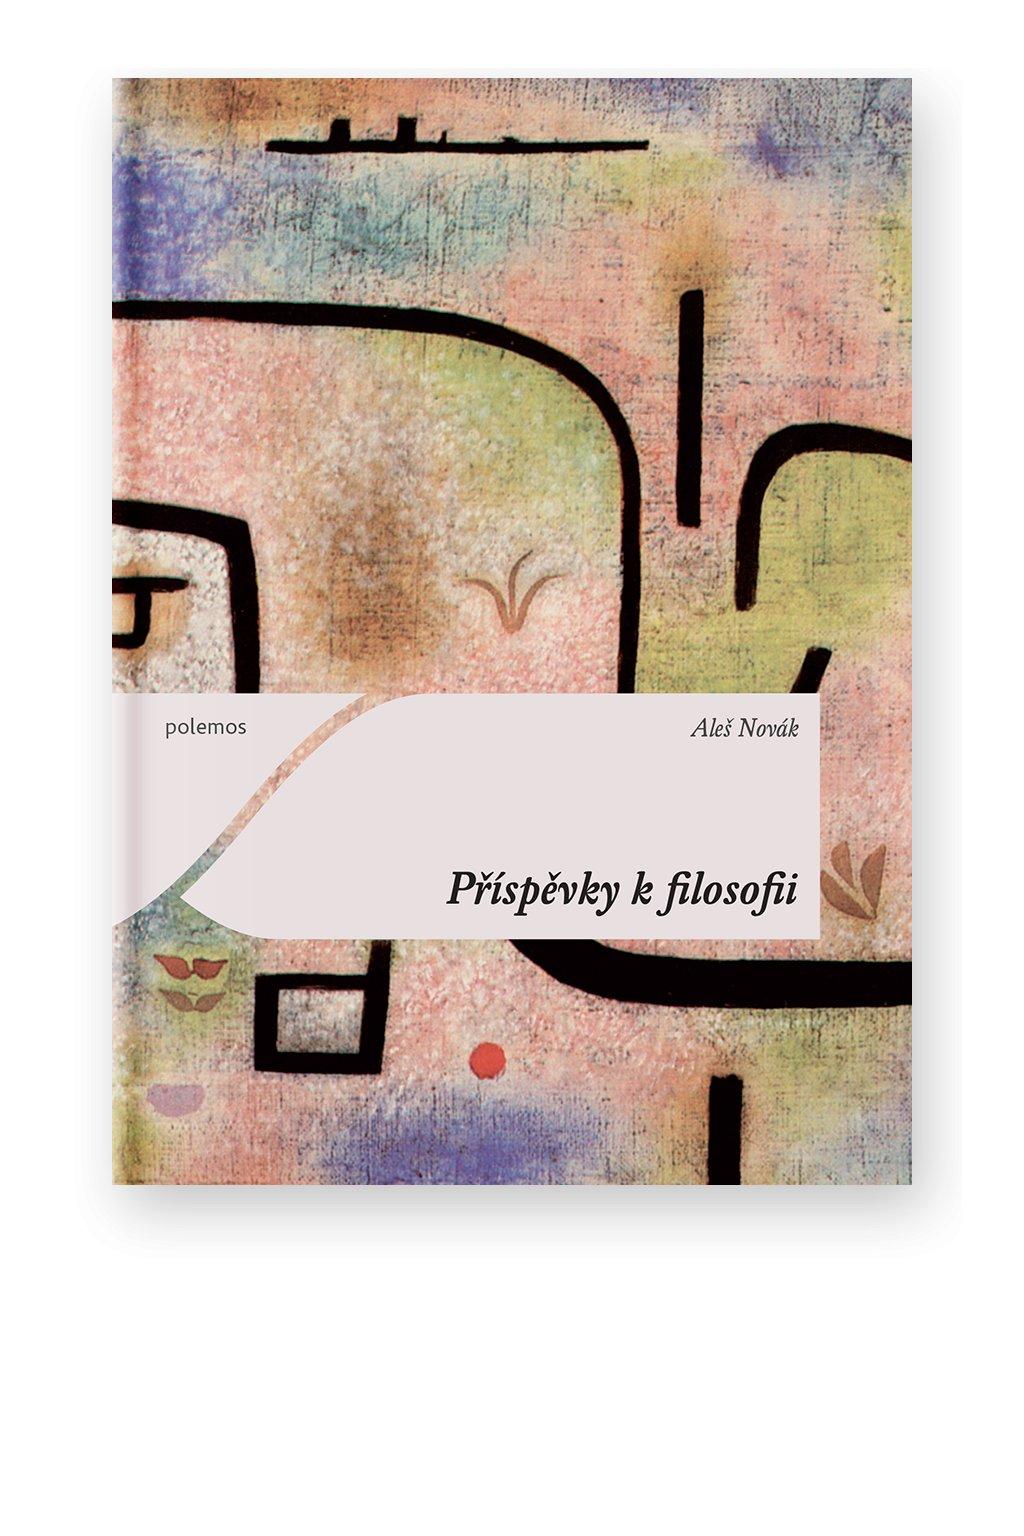 852 prispevky k filosofii